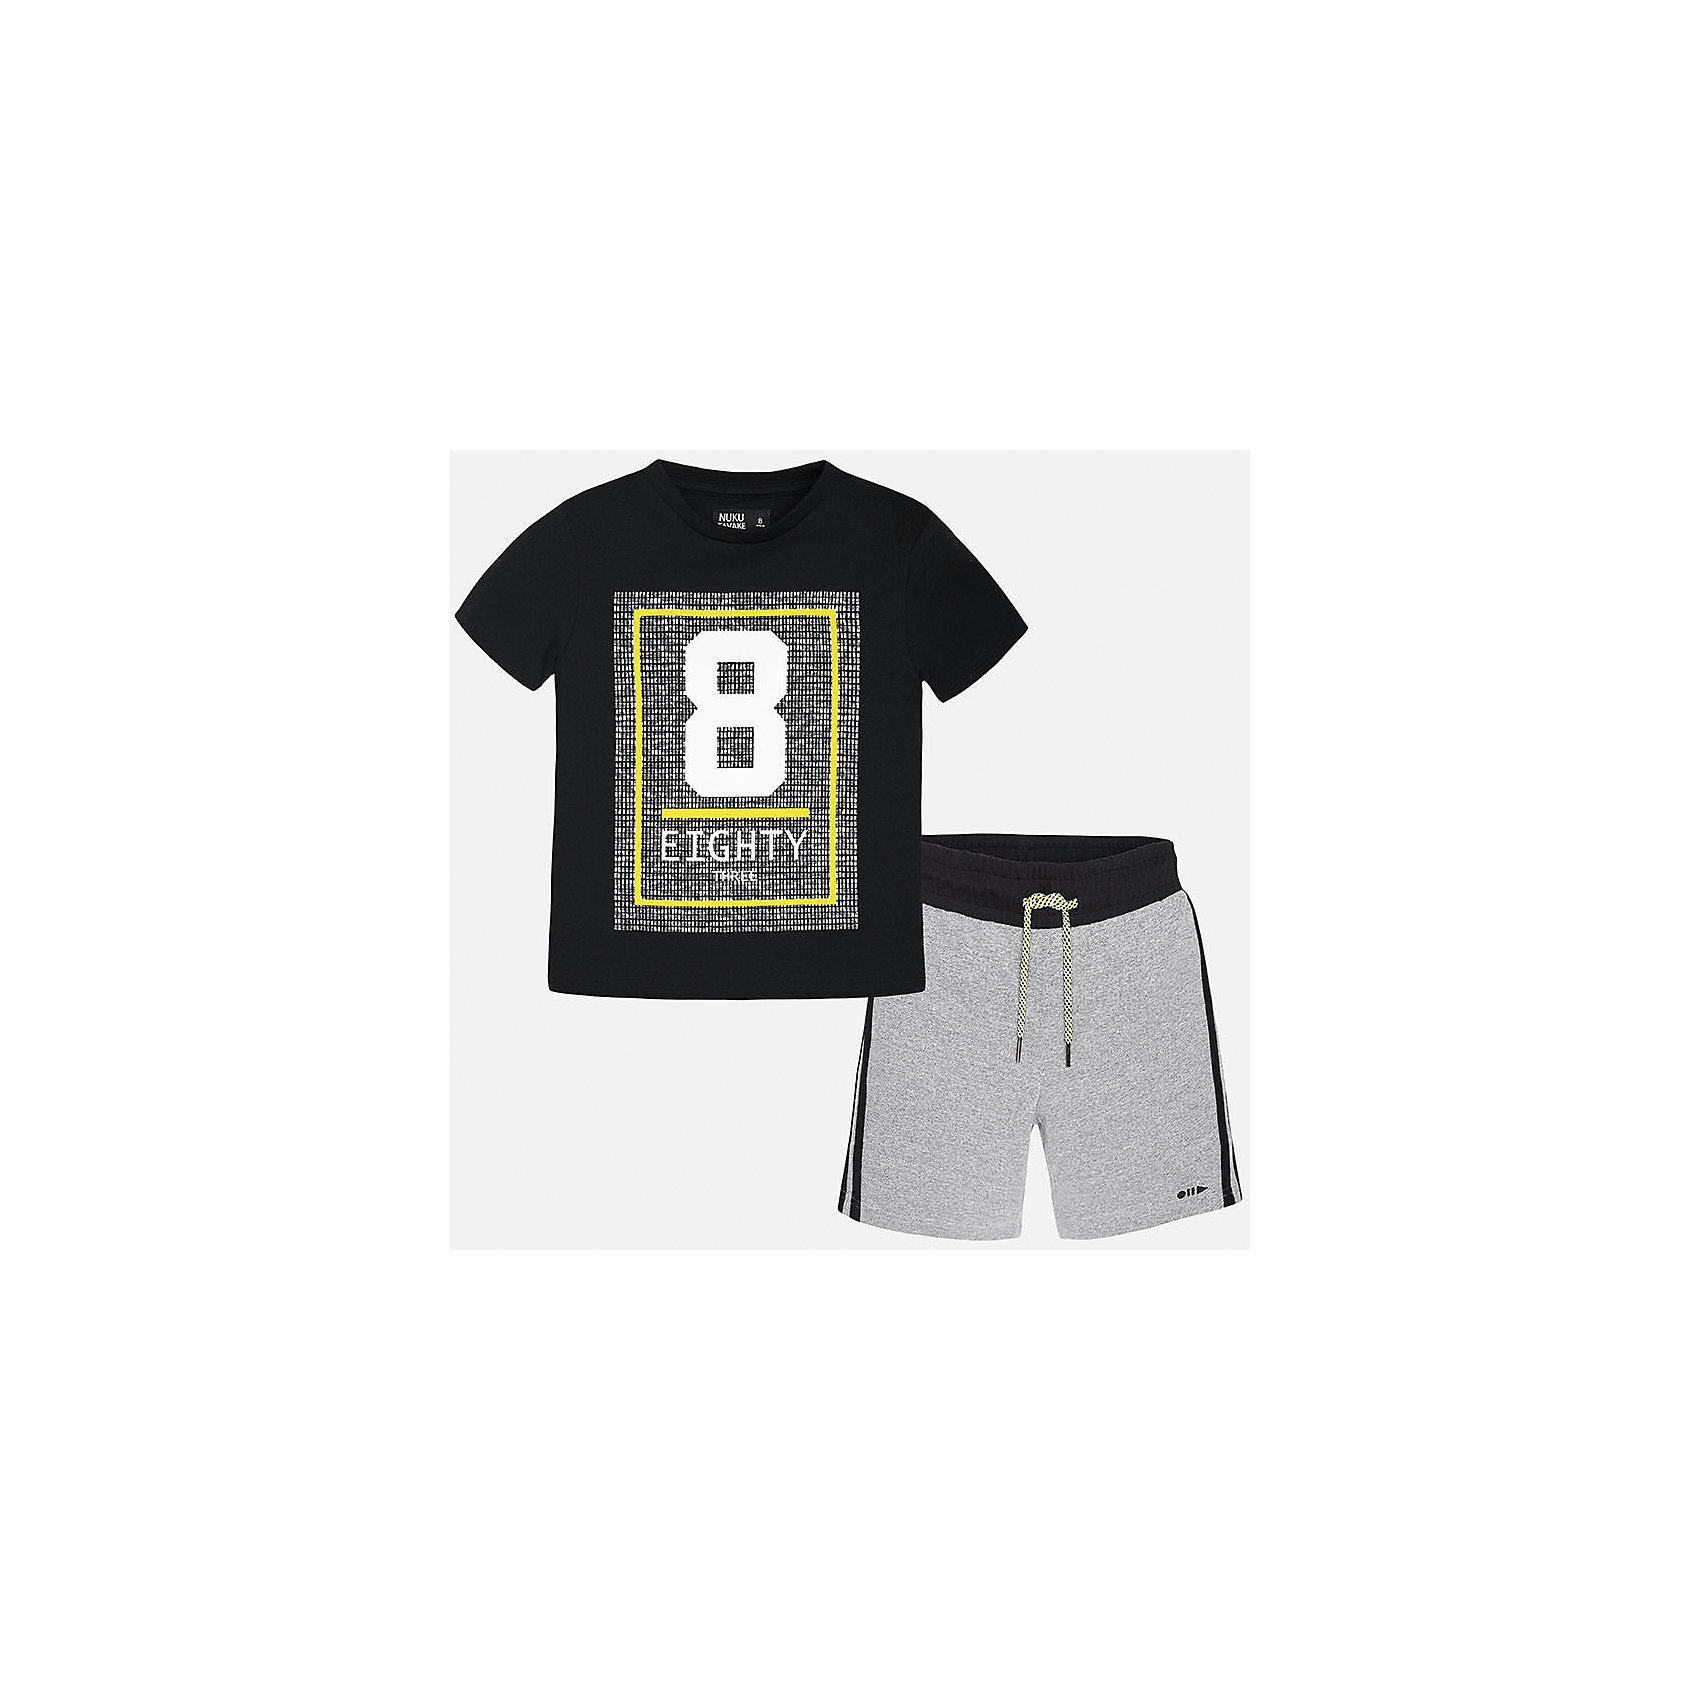 Комплект: футболка и шорты для мальчика MayoralСпортивная форма<br>Характеристики товара:<br><br>• цвет: синий/серый<br>• состав: 100% хлопок<br>• комплектация: шорты, футболка<br>• круглый горловой вырез<br>• декорирована принтом<br>• короткие рукава<br>• шорты - пояс со шнурком<br>• страна бренда: Испания<br><br>Стильная удобная футболка с принтом и шорты помогут разнообразить гардероб мальчика и удобно одеться. Универсальный цвет позволяет подобрать к вещам верхнюю одежду практически любой расцветки. Интересная отделка модели делает её нарядной и оригинальной. В составе материала - только натуральный хлопок, гипоаллергенный, приятный на ощупь, дышащий.<br><br>Одежда, обувь и аксессуары от испанского бренда Mayoral полюбились детям и взрослым по всему миру. Модели этой марки - стильные и удобные. Для их производства используются только безопасные, качественные материалы и фурнитура. Порадуйте ребенка модными и красивыми вещами от Mayoral! <br><br>Комплект для мальчика от испанского бренда Mayoral (Майорал) можно купить в нашем интернет-магазине.<br><br>Ширина мм: 215<br>Глубина мм: 88<br>Высота мм: 191<br>Вес г: 336<br>Цвет: серый<br>Возраст от месяцев: 132<br>Возраст до месяцев: 144<br>Пол: Мужской<br>Возраст: Детский<br>Размер: 158,152,140,170,128/134,164<br>SKU: 5282052